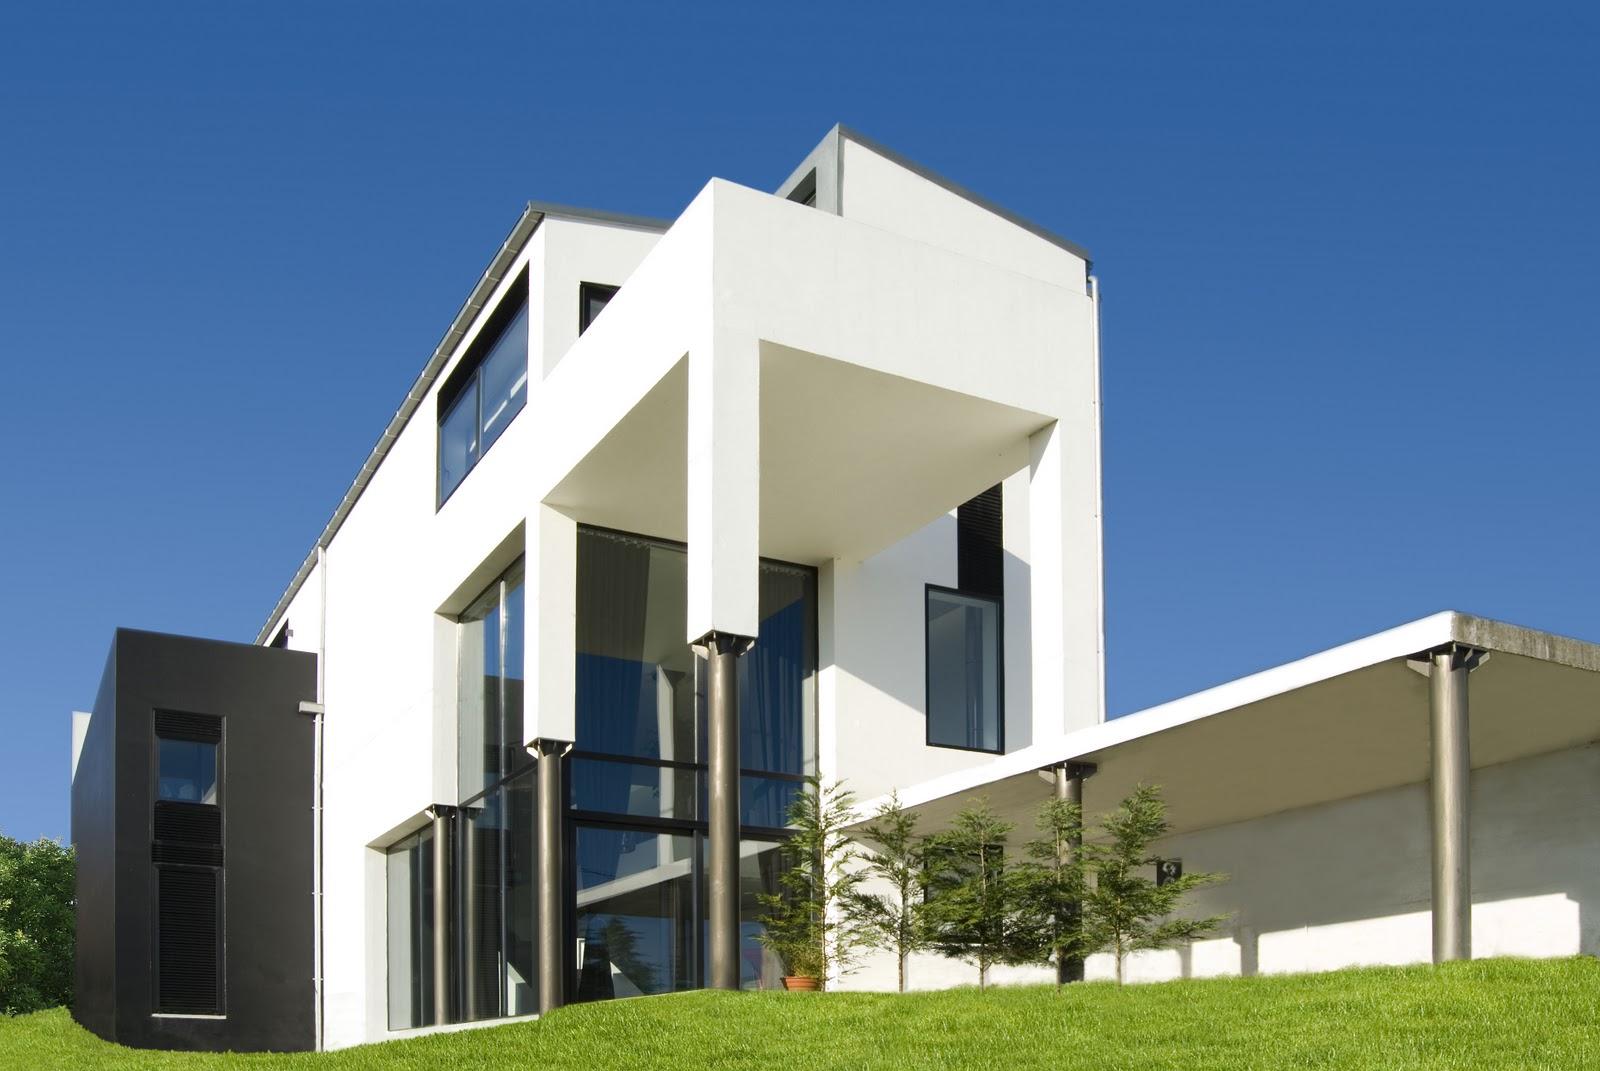 Ana samaniego - Fotografia arquitectura ...